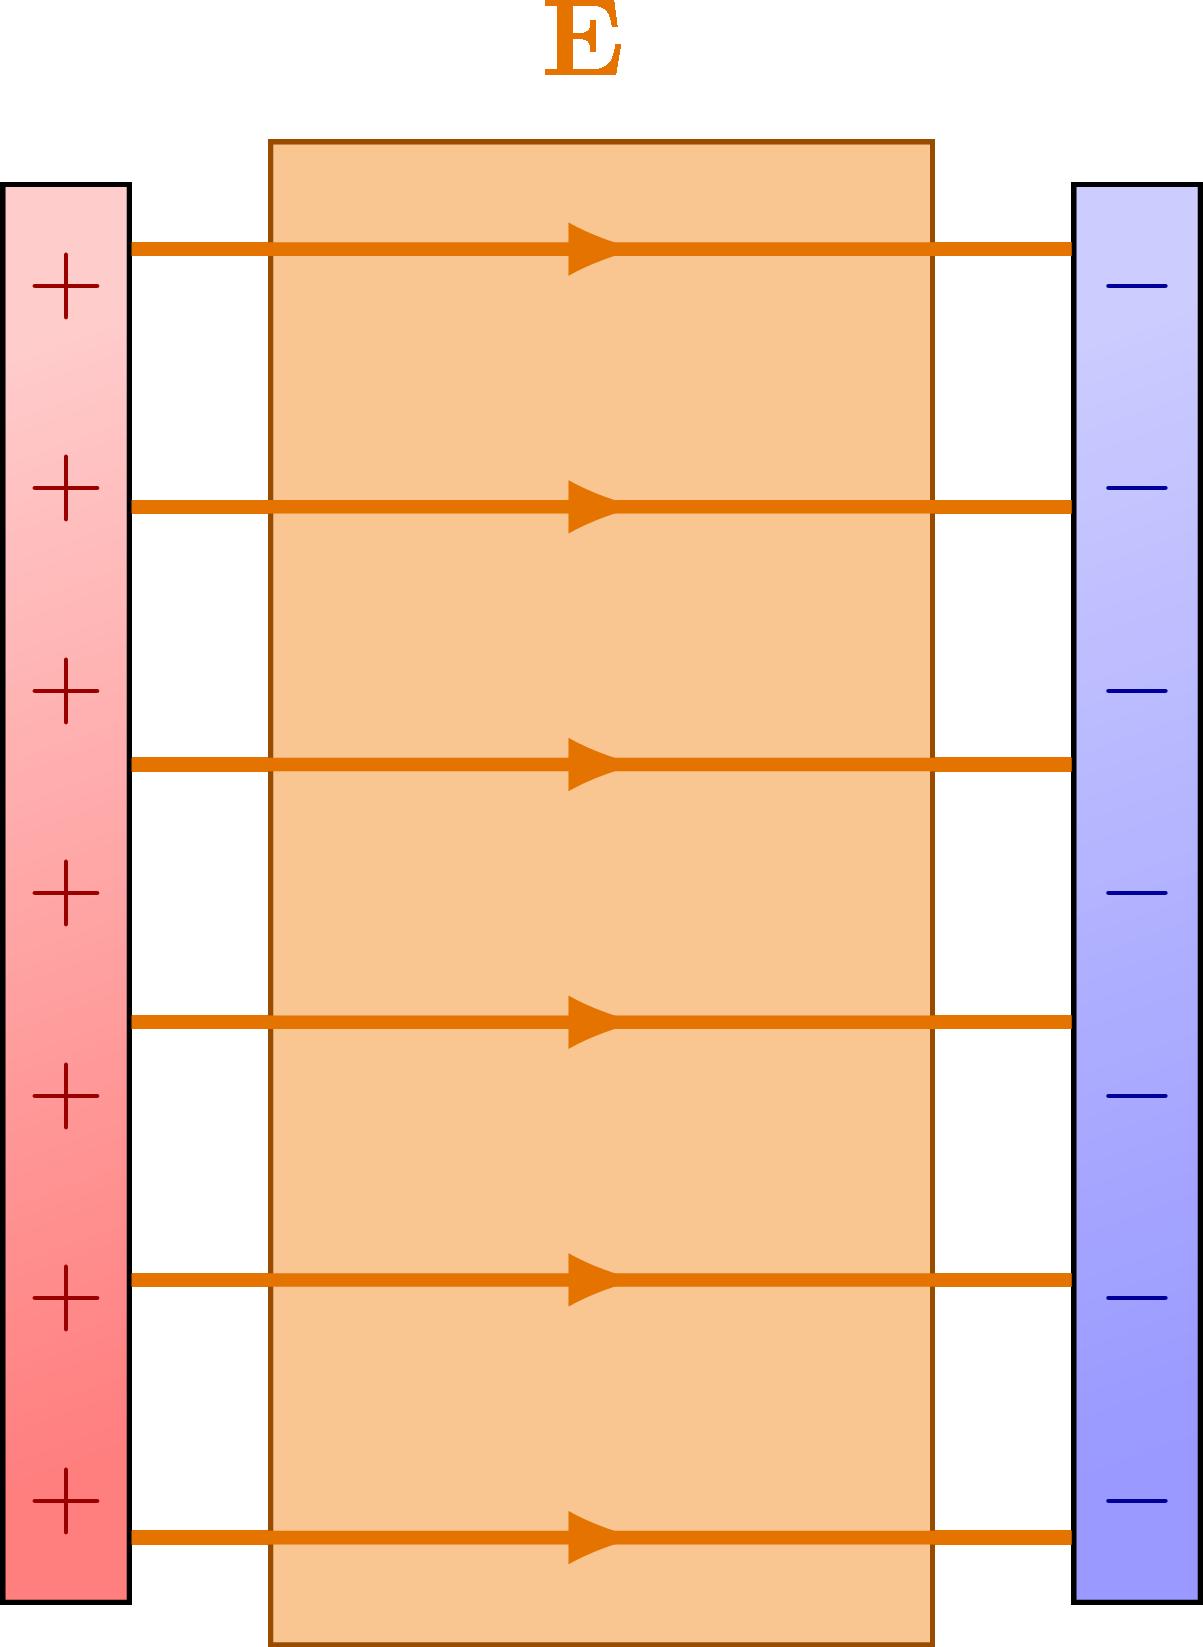 capacitors-006.png